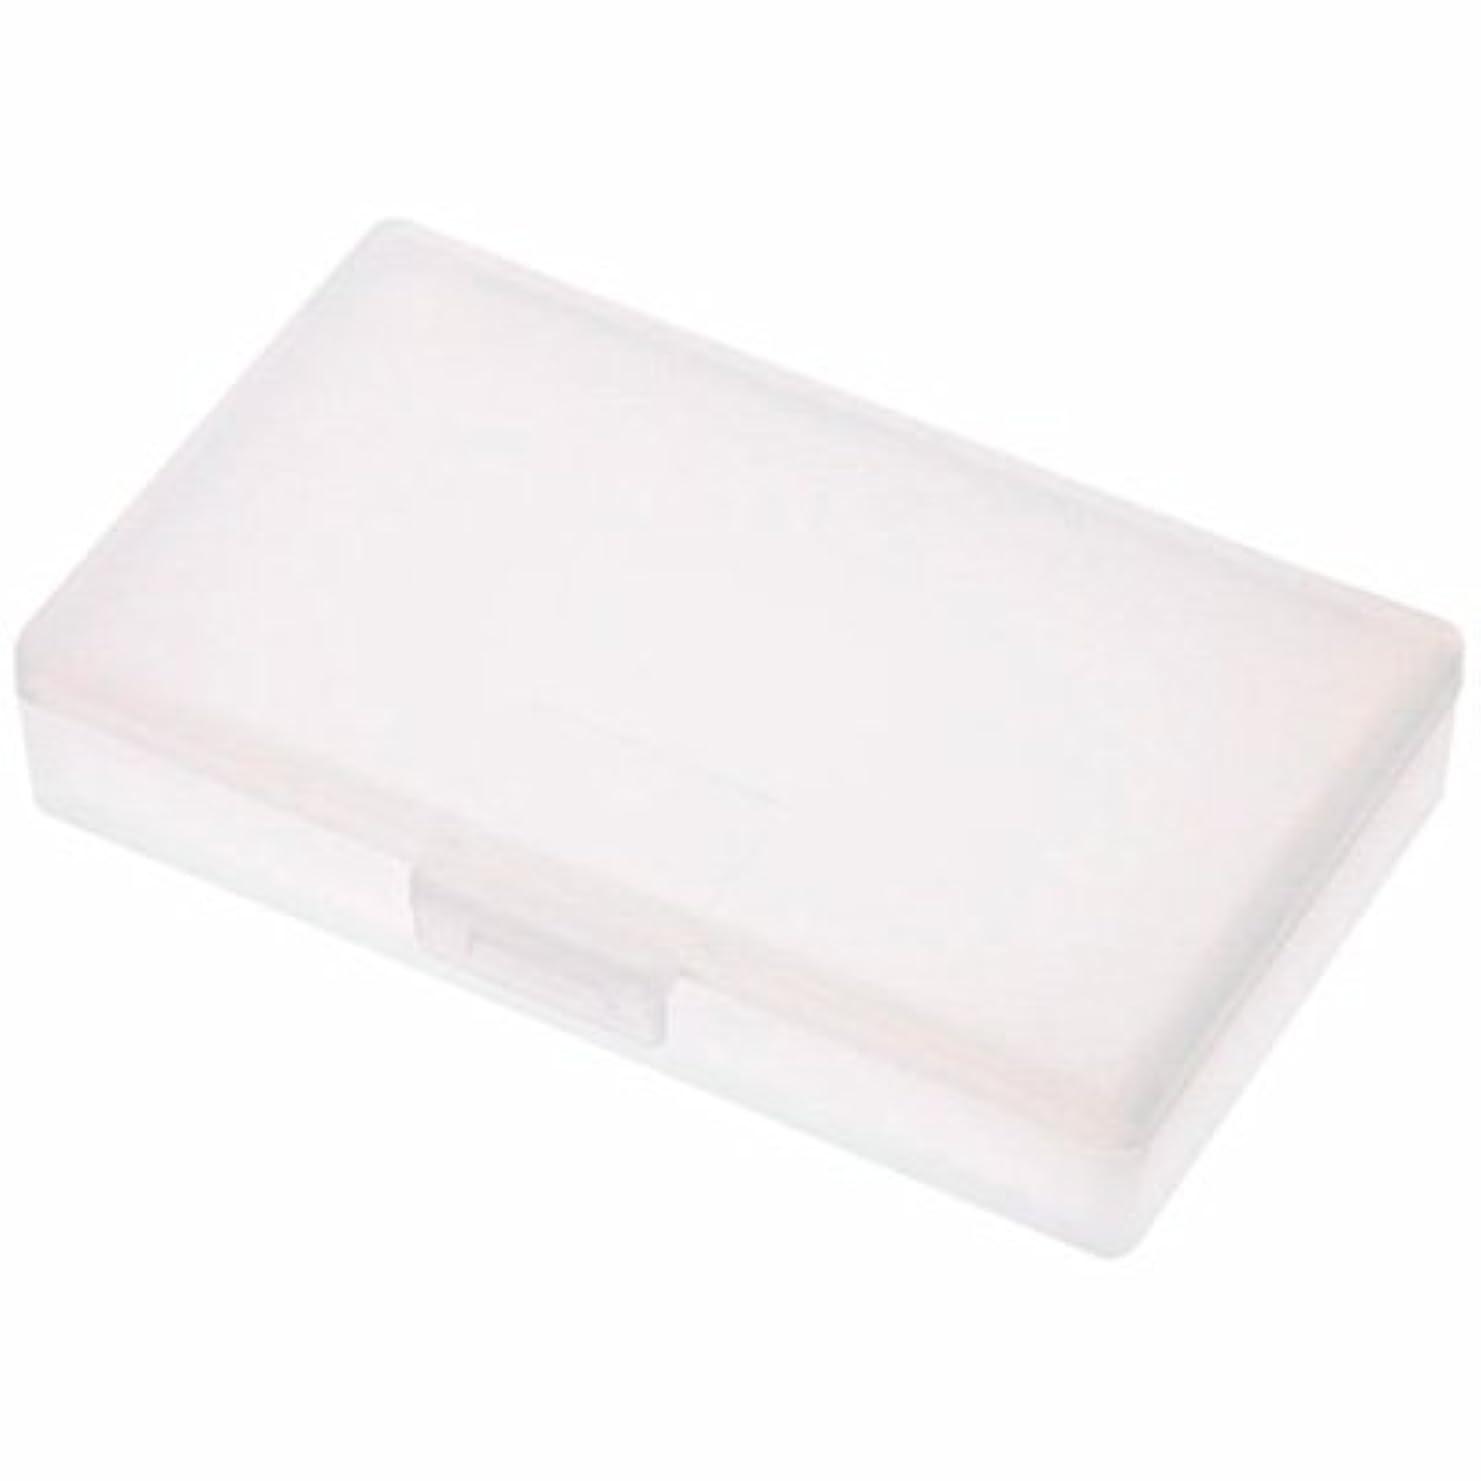 綺麗な浴十分無印良品 ポリプロピレンヘアピンケース 約37×63×厚さ12mm